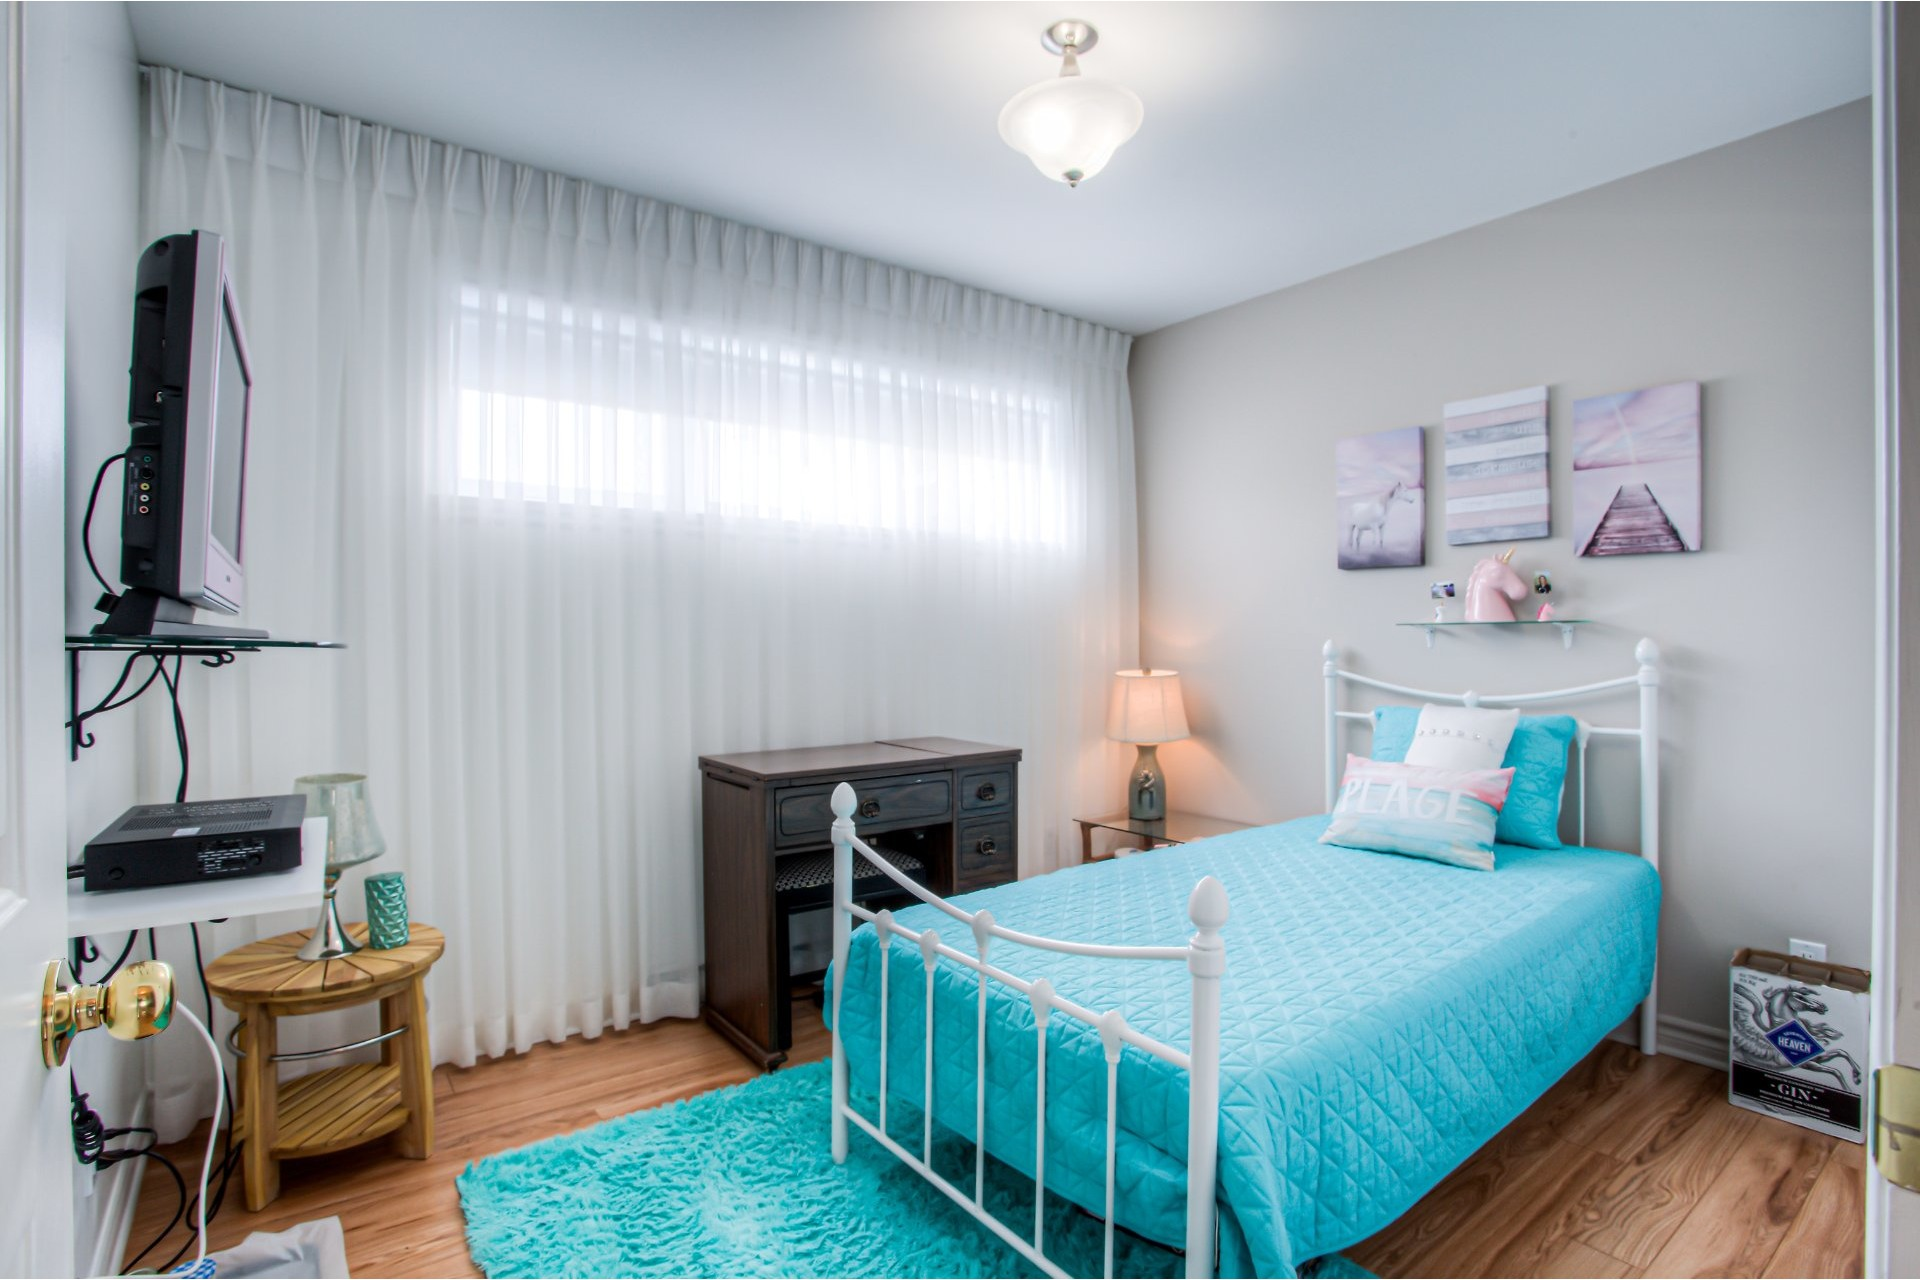 image 15 - Apartment For sale Pointe-des-Cascades - 6 rooms